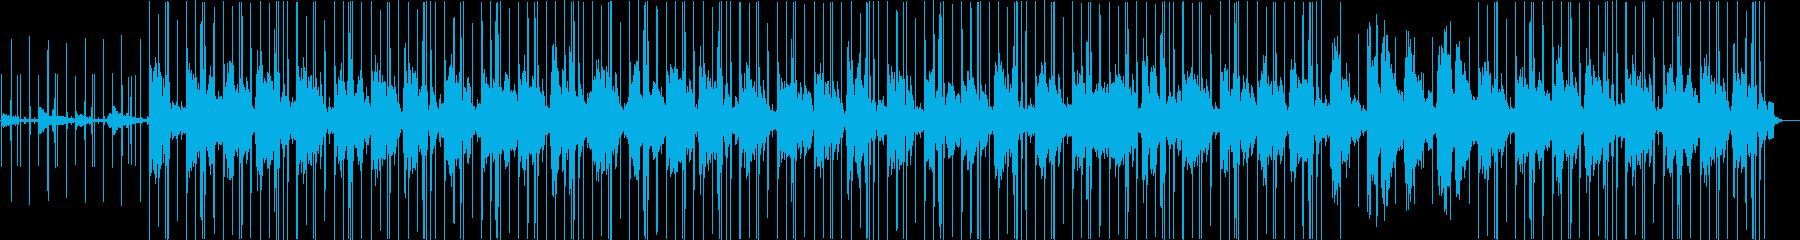 【チルアウト】まったり/カフェ/LoFiの再生済みの波形